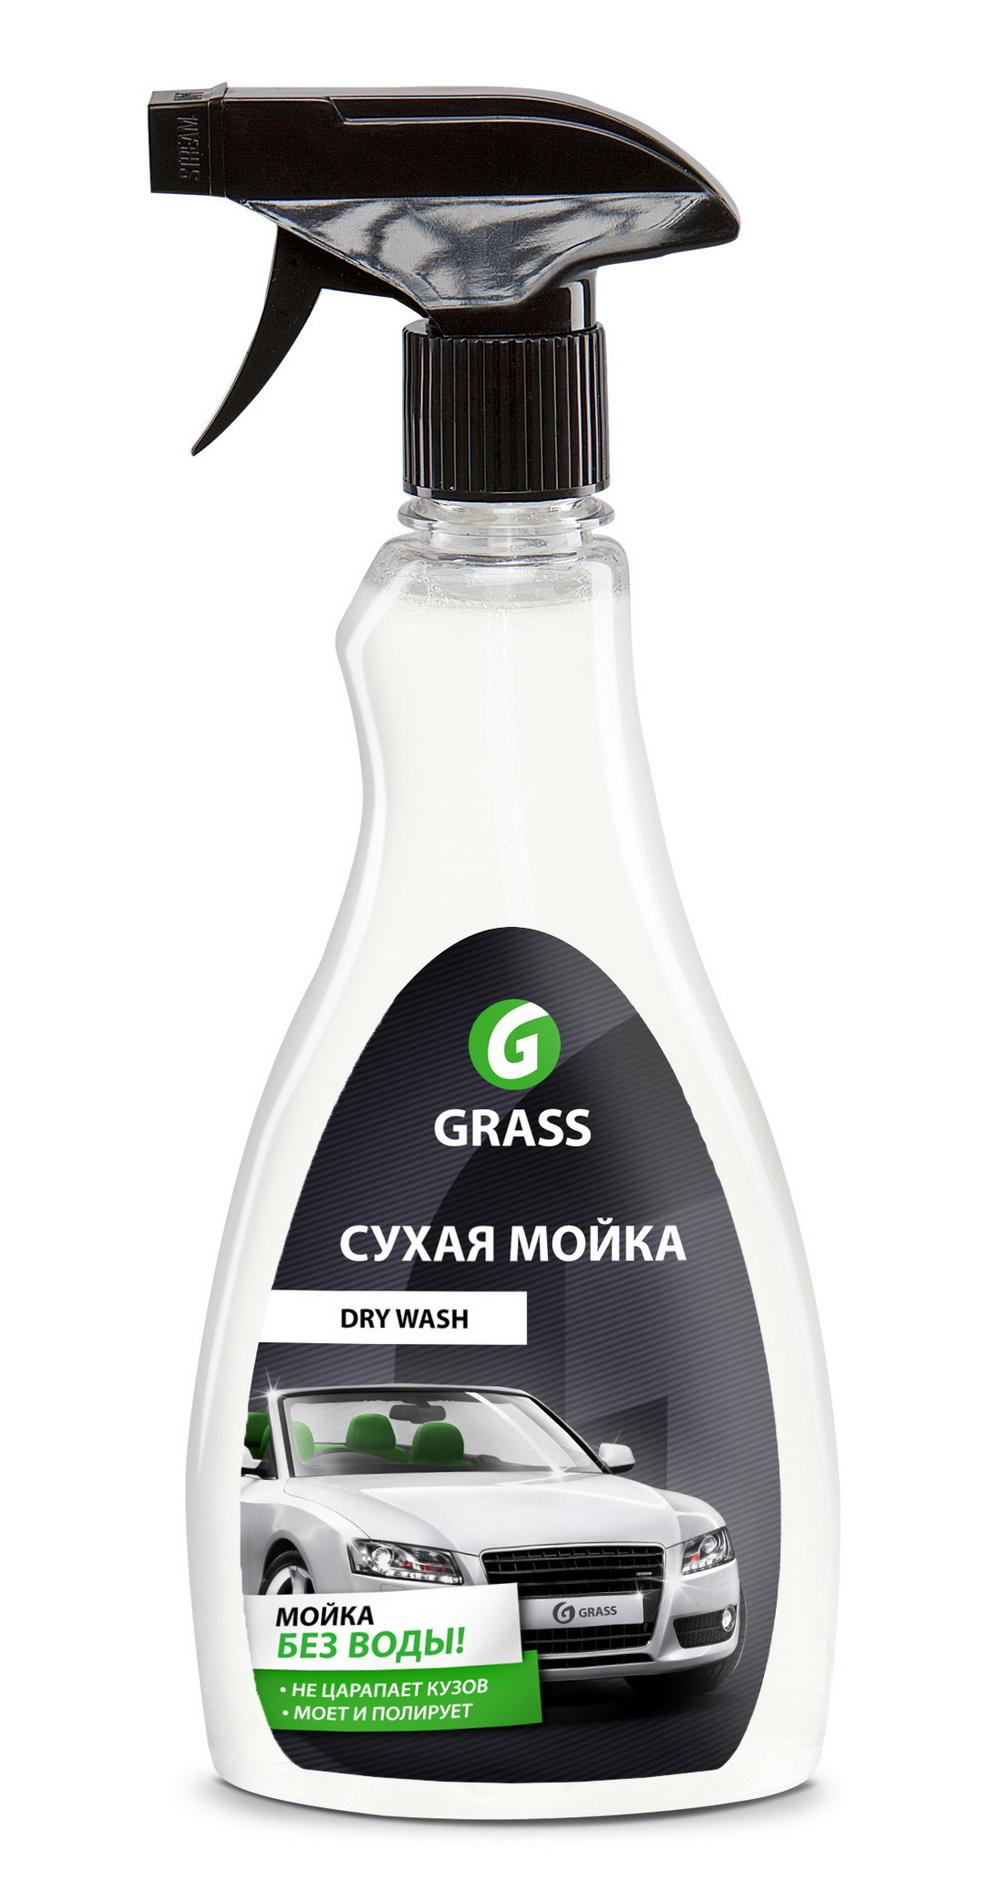 Полироль Grass 211605 dry wash